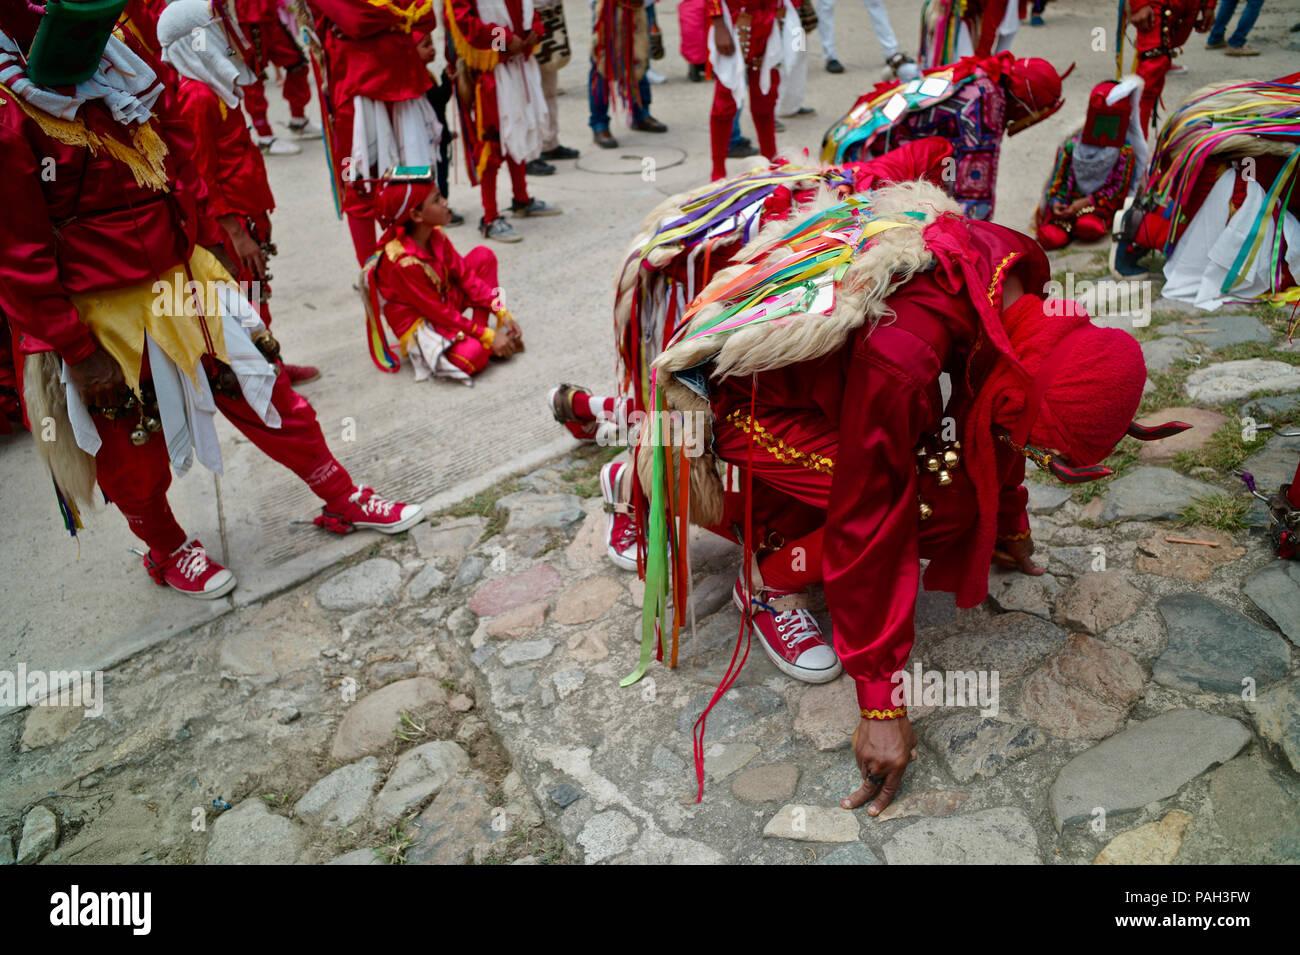 Am Fuße der schneebedeckten Gipfel der Sierra Nevada, in den Kankuamo Indianer Territorium, eine bunte Feier des christlichen Fest der Co Stockbild